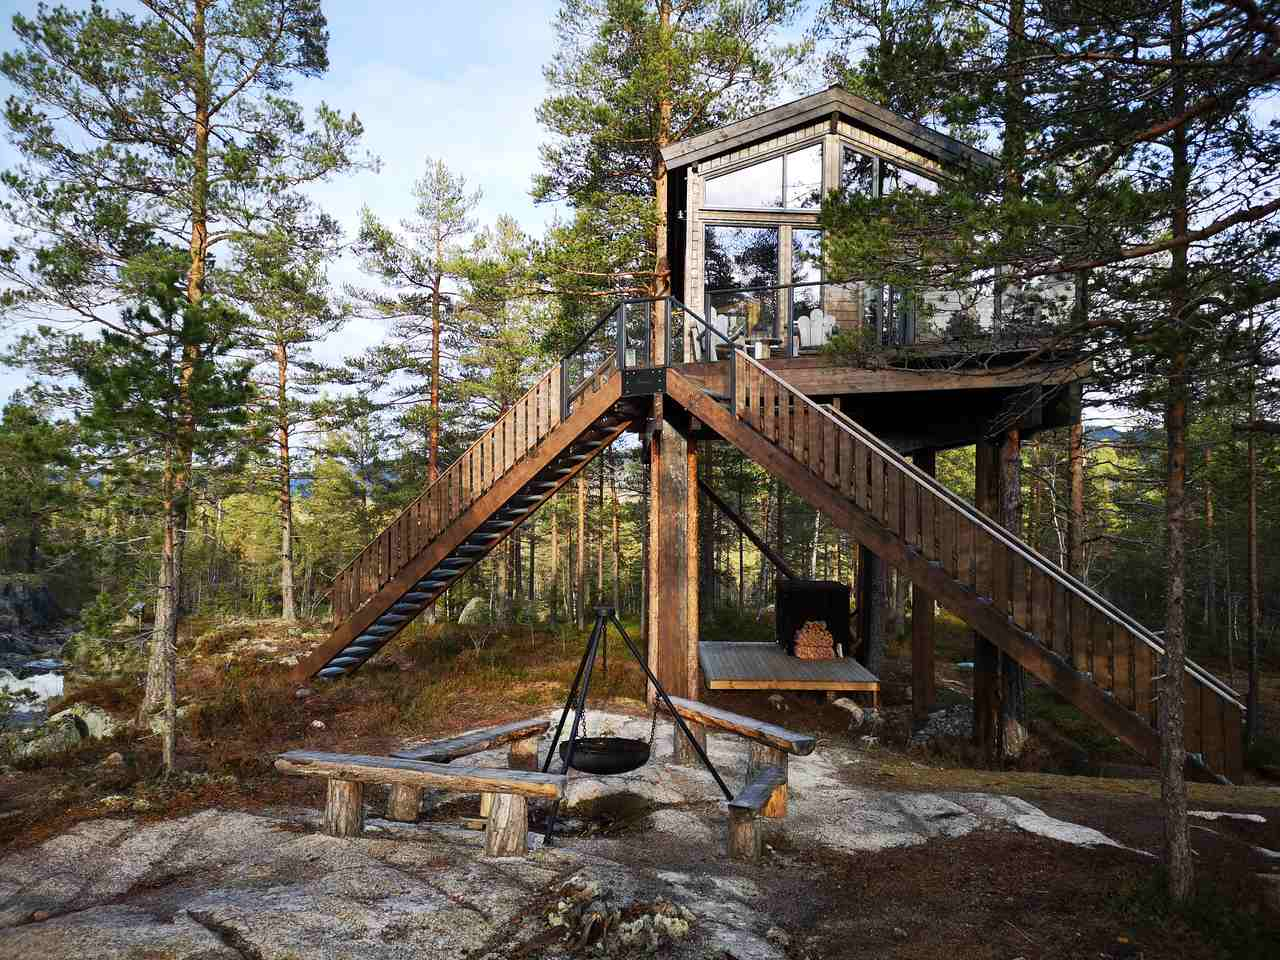 Fosstopp in Valdres 6 - Photo - Fosstopp